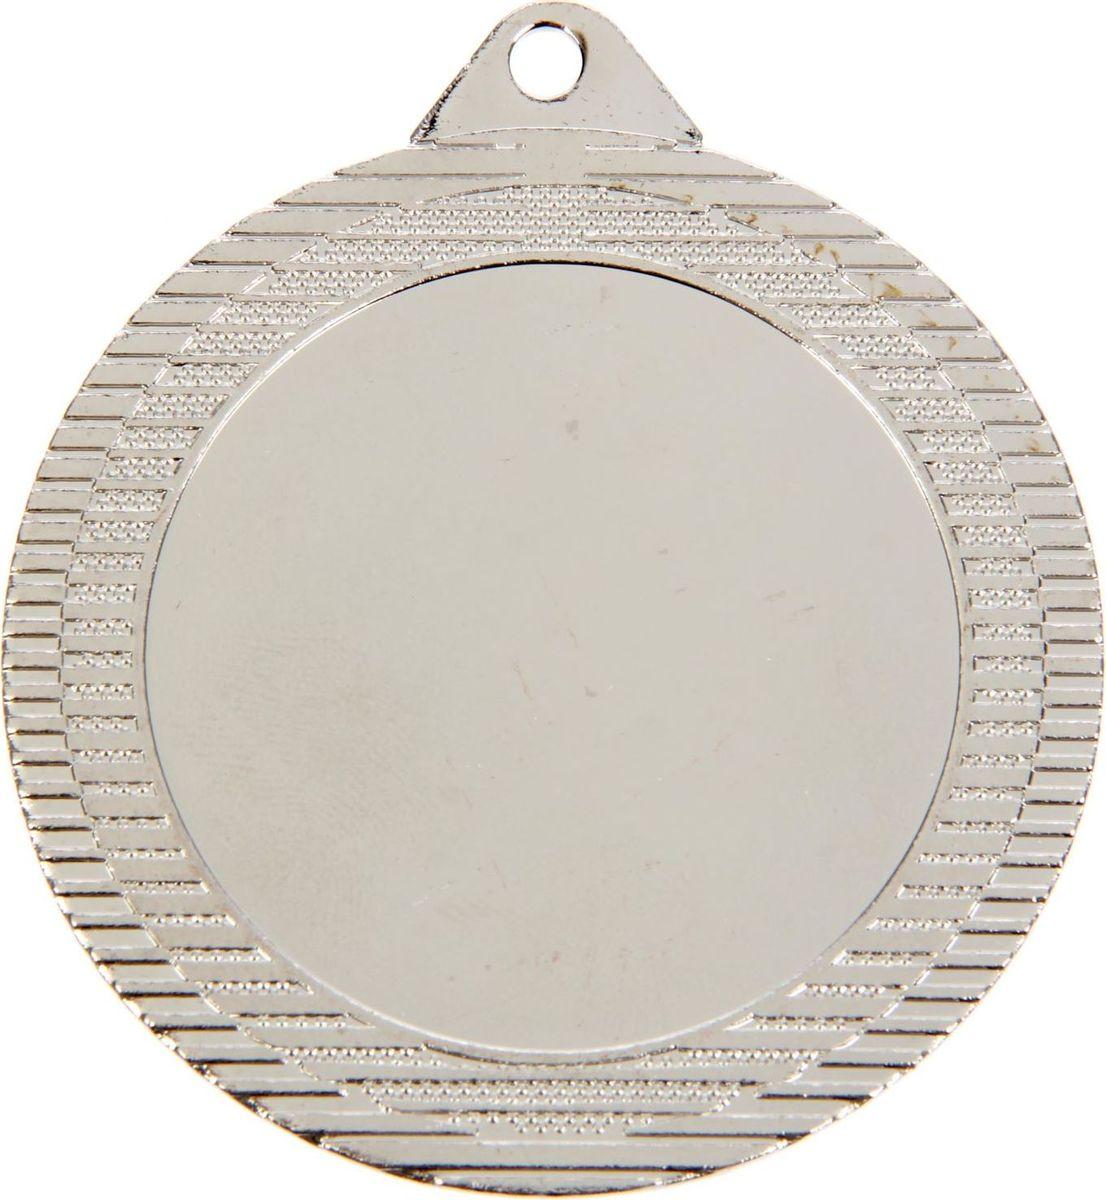 Медаль сувенирная с местом для гравировки, цвет: серебристый, диаметр 7 см. 0411387686Пусть любая победа будет отмечена соответствующей наградой! Медаль — знак отличия, которым награждают самых достойных. Она вручается лишь тем, кто проявил настойчивость и волю к победе. Каждое достижение — это важное событие, которое должно остаться в памяти на долгие годы.Характеристики: Диаметр медали: 7 см Диаметр вкладыша (лицо): 5 см Диаметр вкладыша (оборот): 6 см